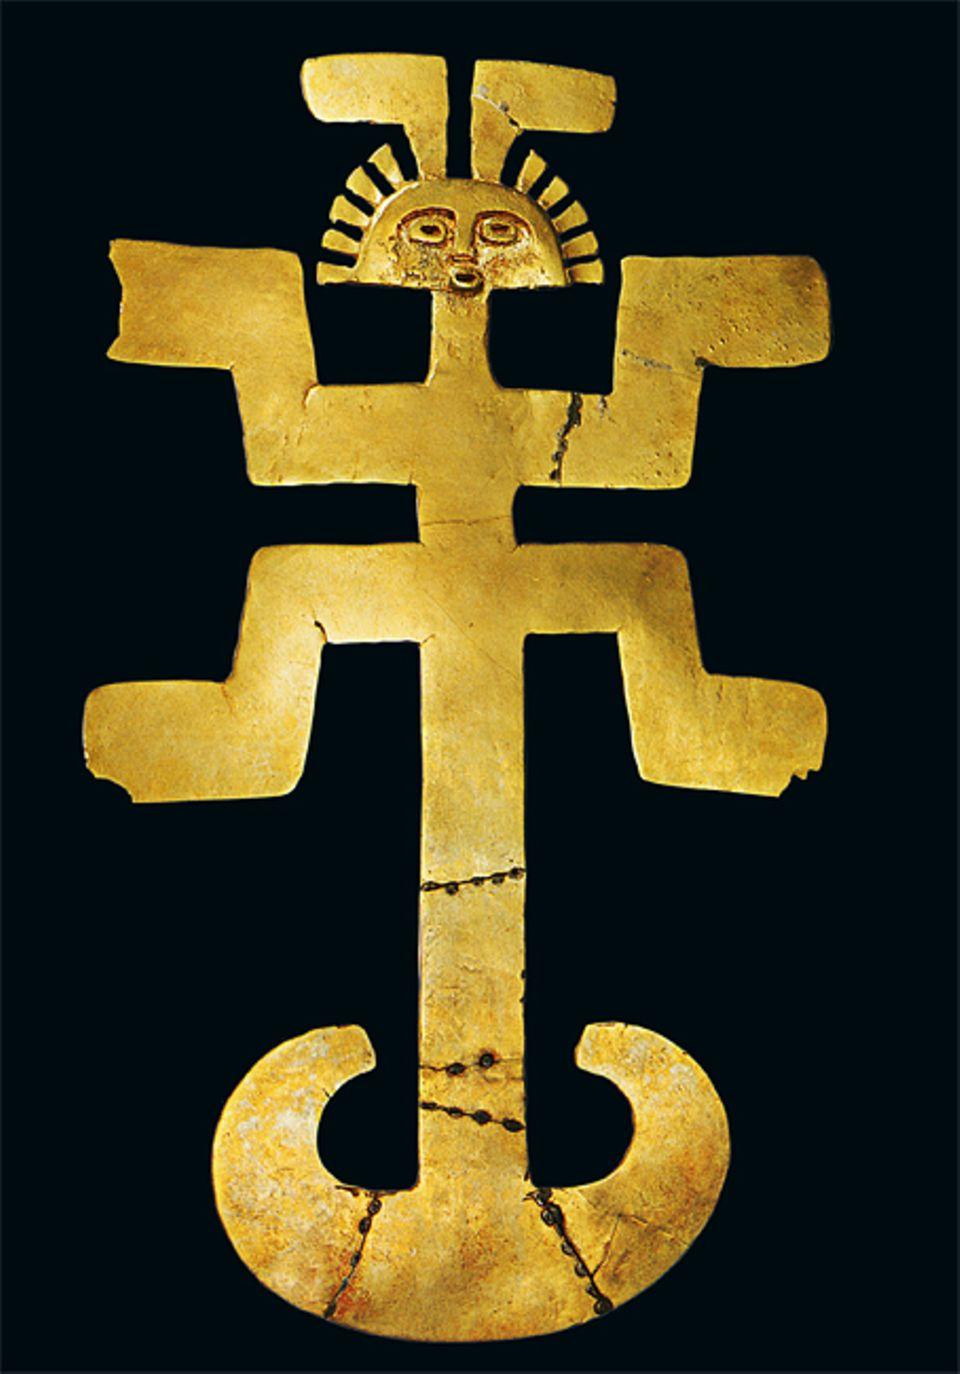 El Dorado: Brustschmuck wie diese Jaguar-Figur tragen Schamanen wohl bei rituellen Tänzen. Nach dem Glauben der Ureinwohner verwandeln sich die Priester bei der Zeremonie in eines der Raubtiere